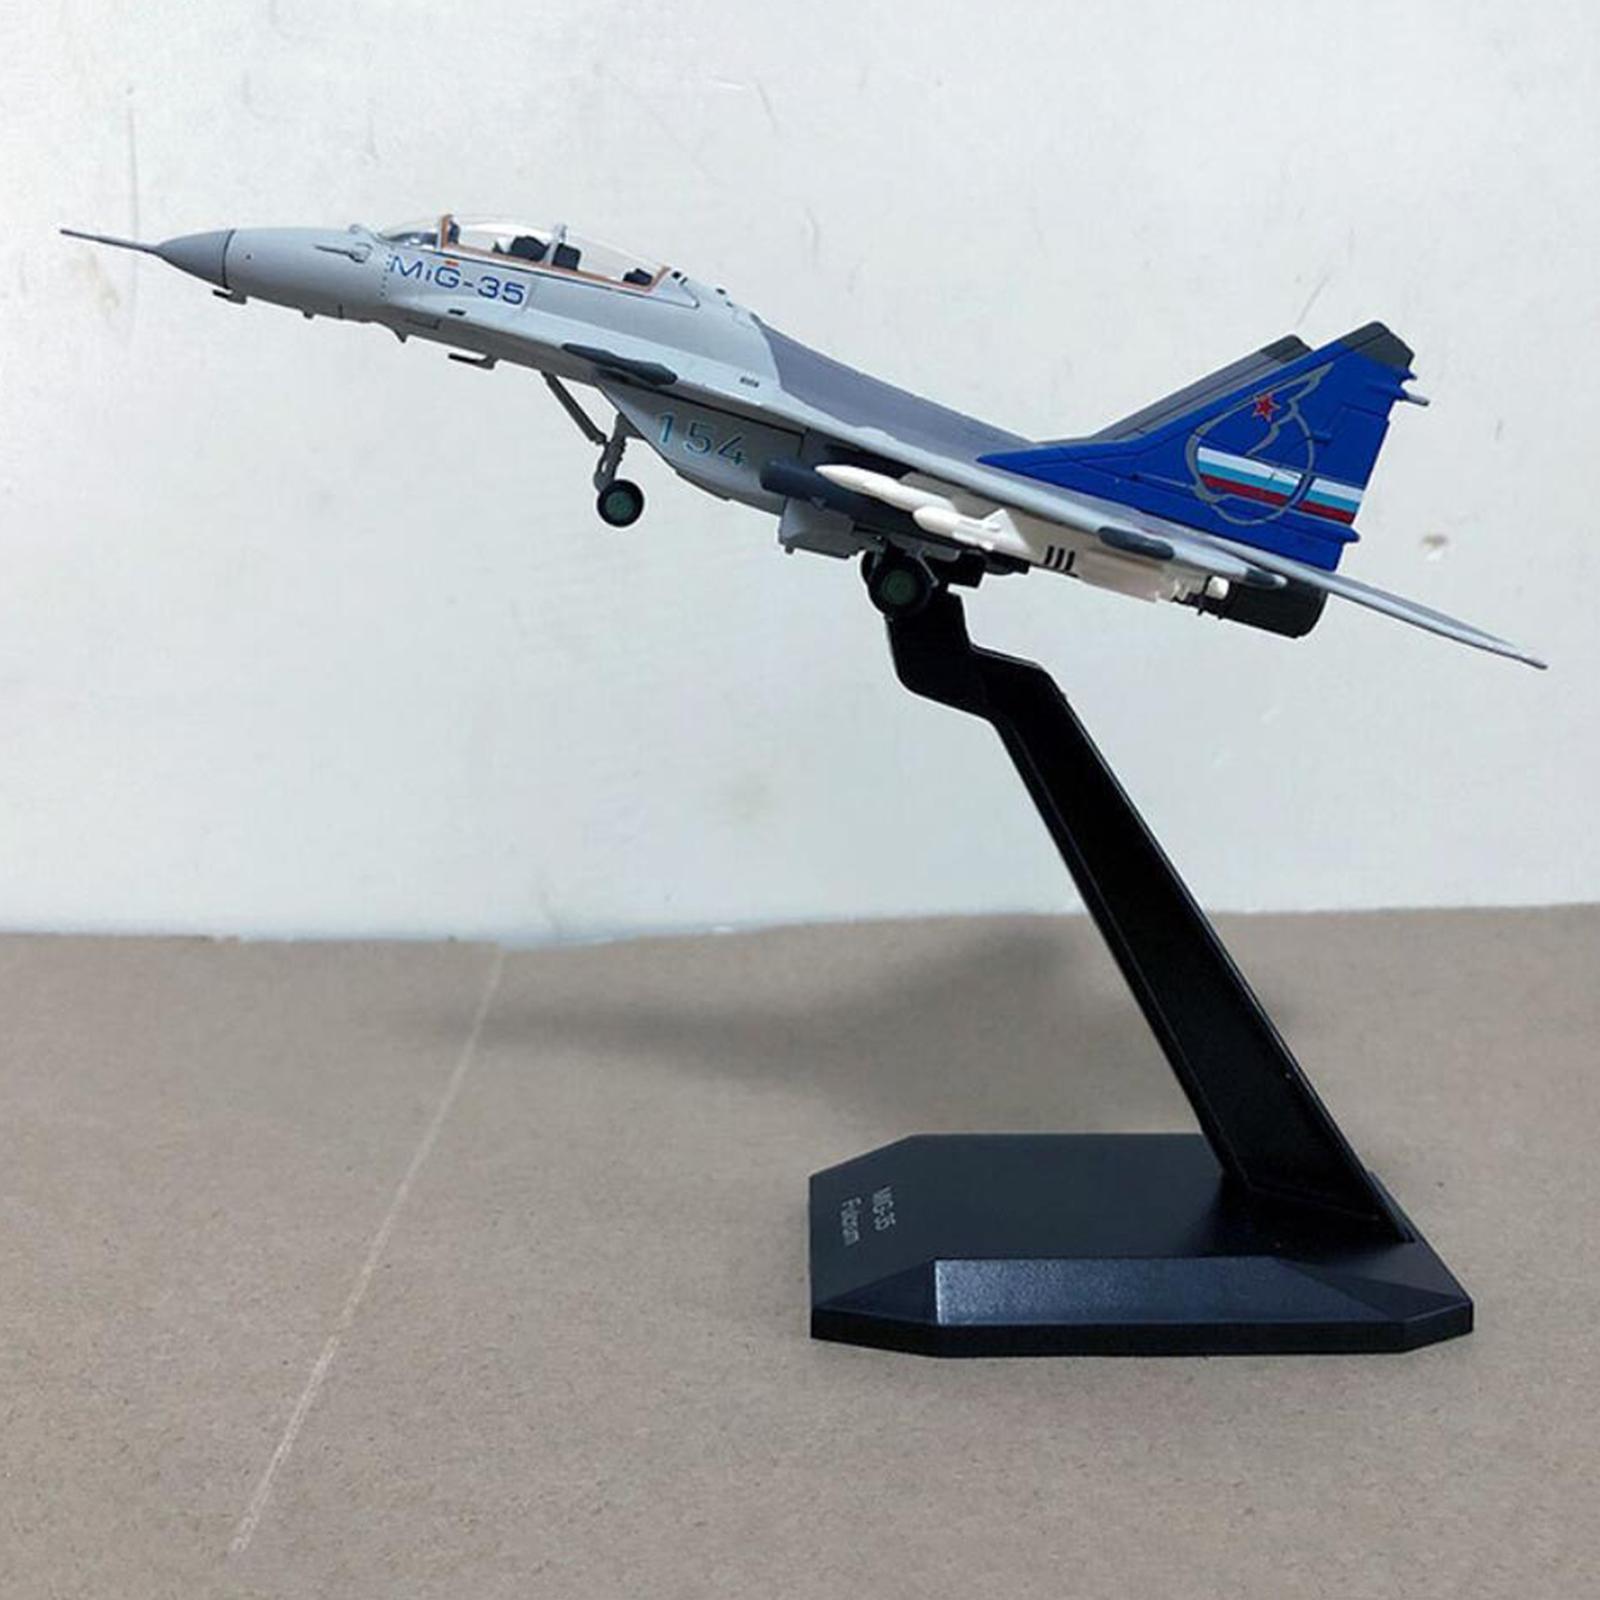 miniatura 6 - 1pc 1/100 MIG-35 Aircraft Metallo Modello di Aereo di Plastica Collezionismo